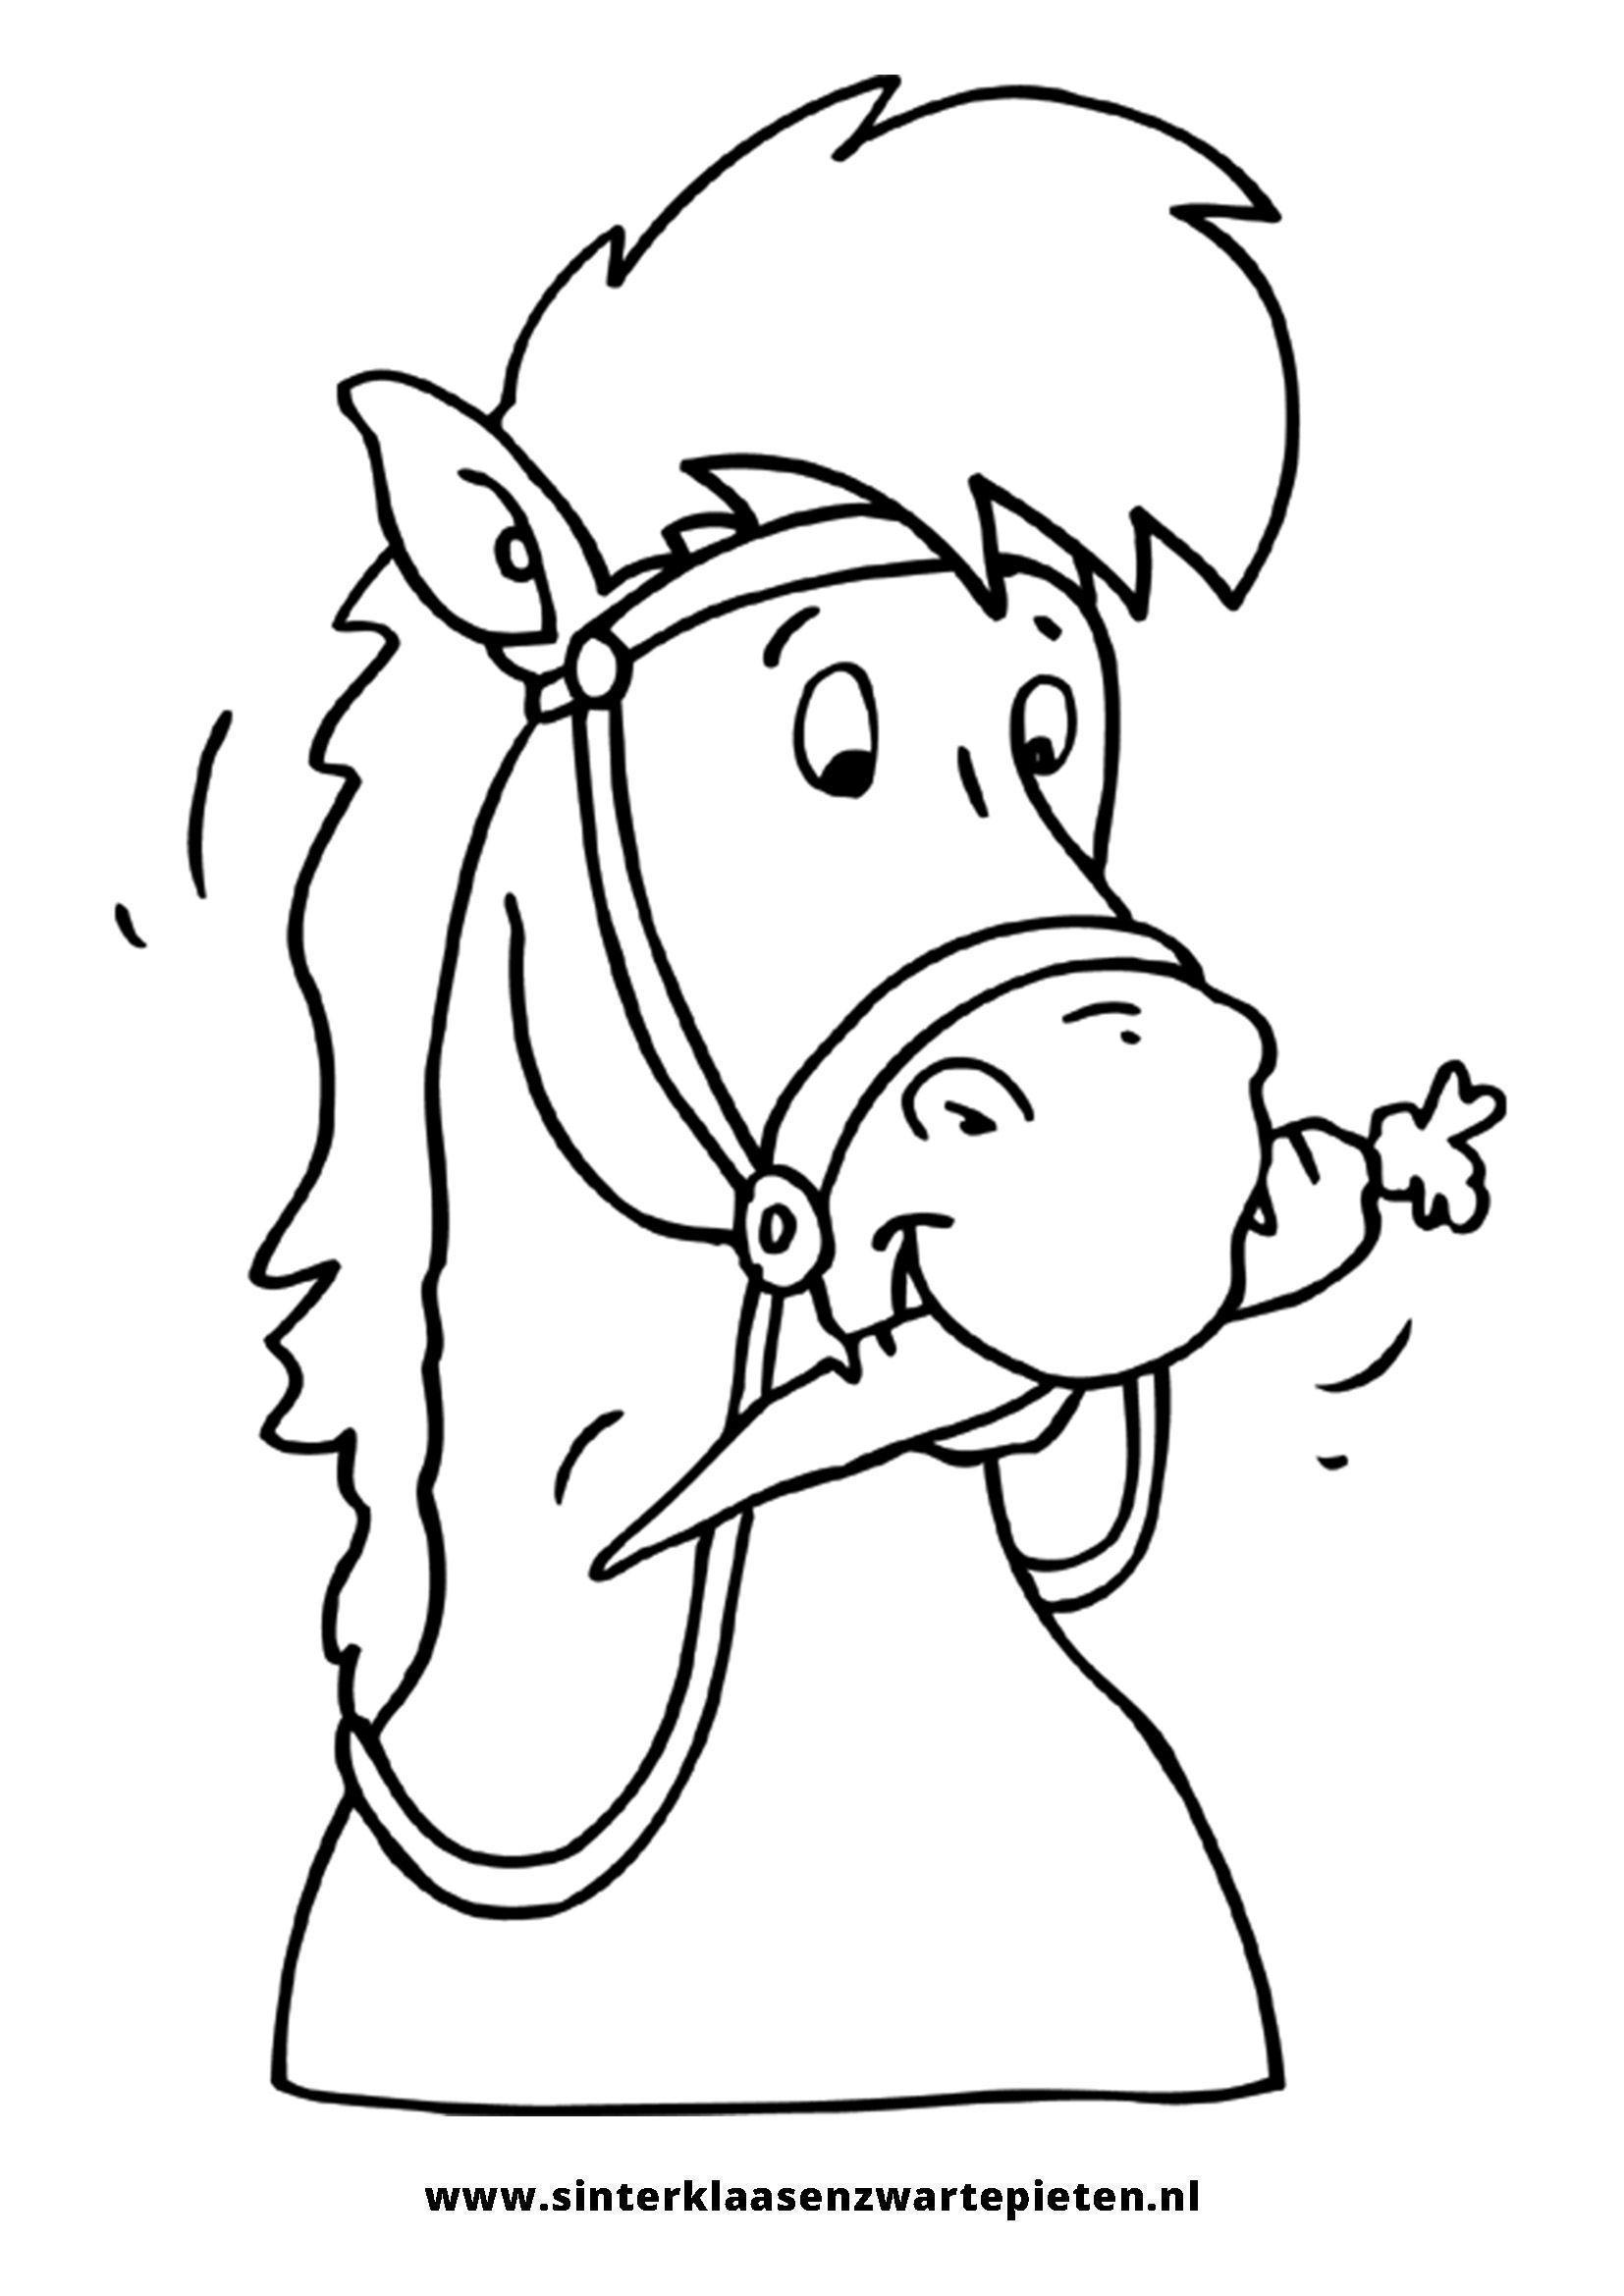 Amerigo Kleurplaat Google Zoeken Sint En Piet Pinterest Beste Kleurplaten Sinterklaas Amerigo 20 Idee Kleurplaten Sinterklaas Amer Art Piet Female Sketch